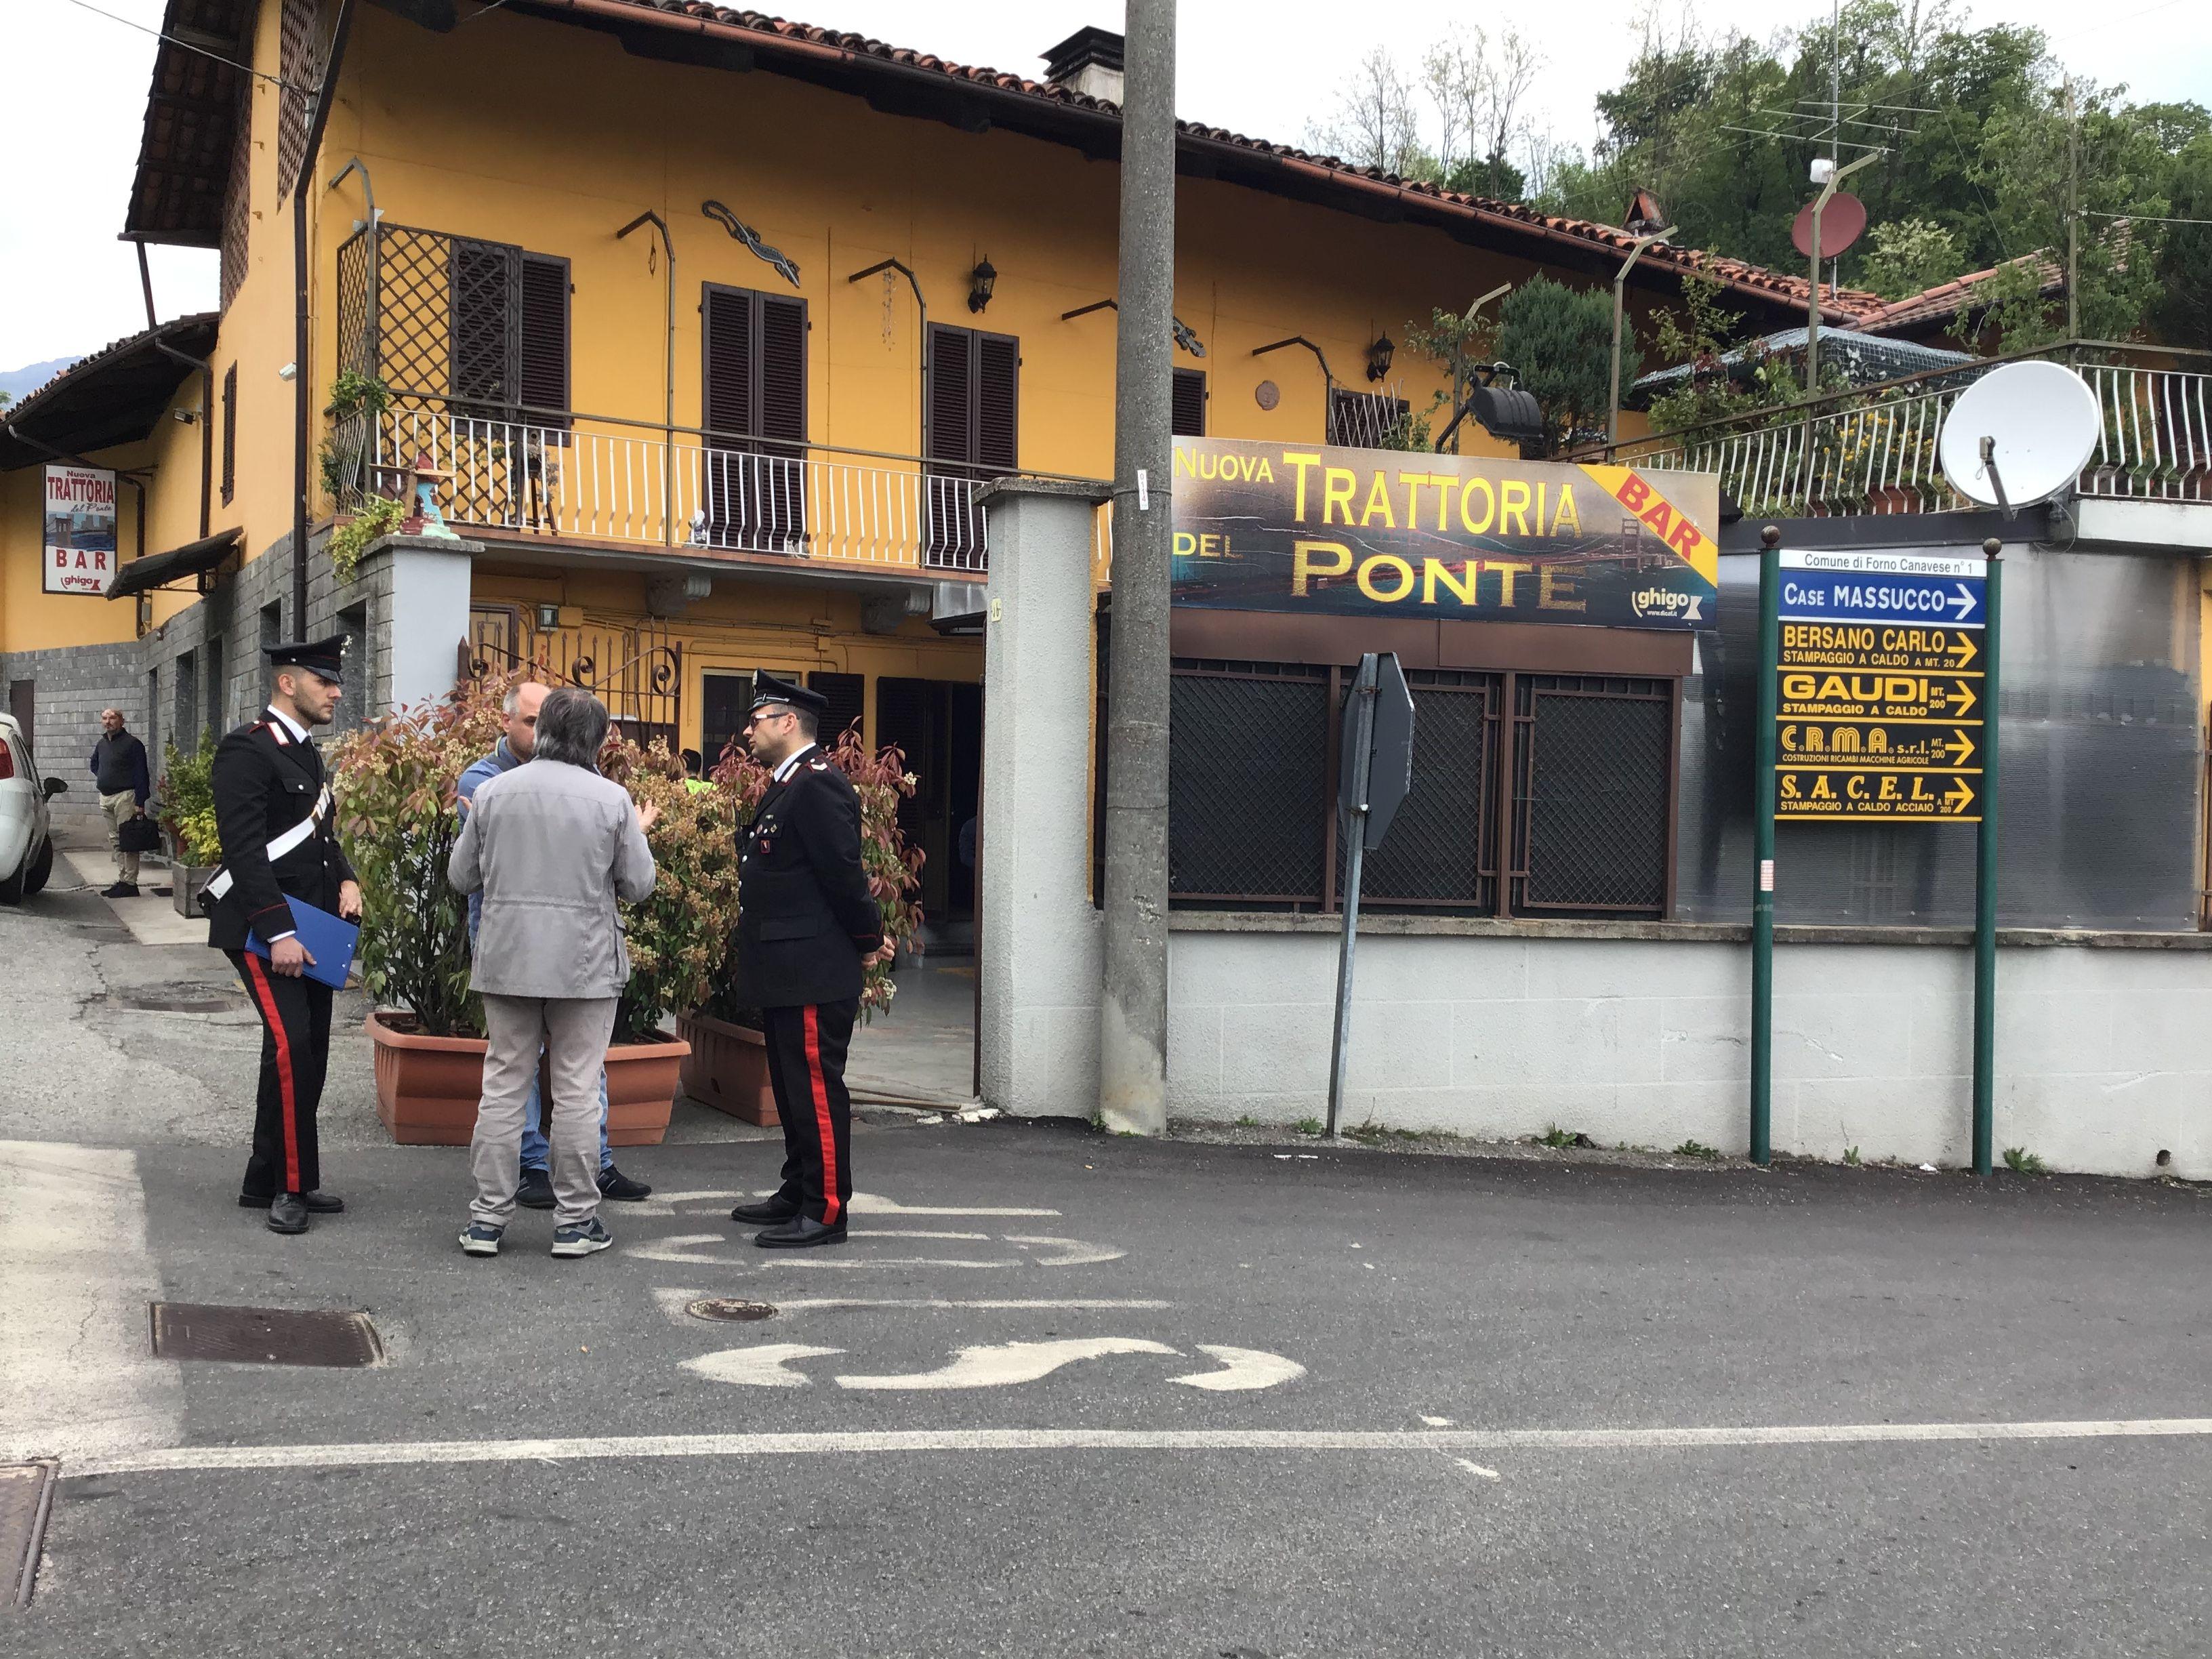 TRAGEDIA A RIVARA - Muore folgorato mentre sostituisce la macchina del caffè - FOTO